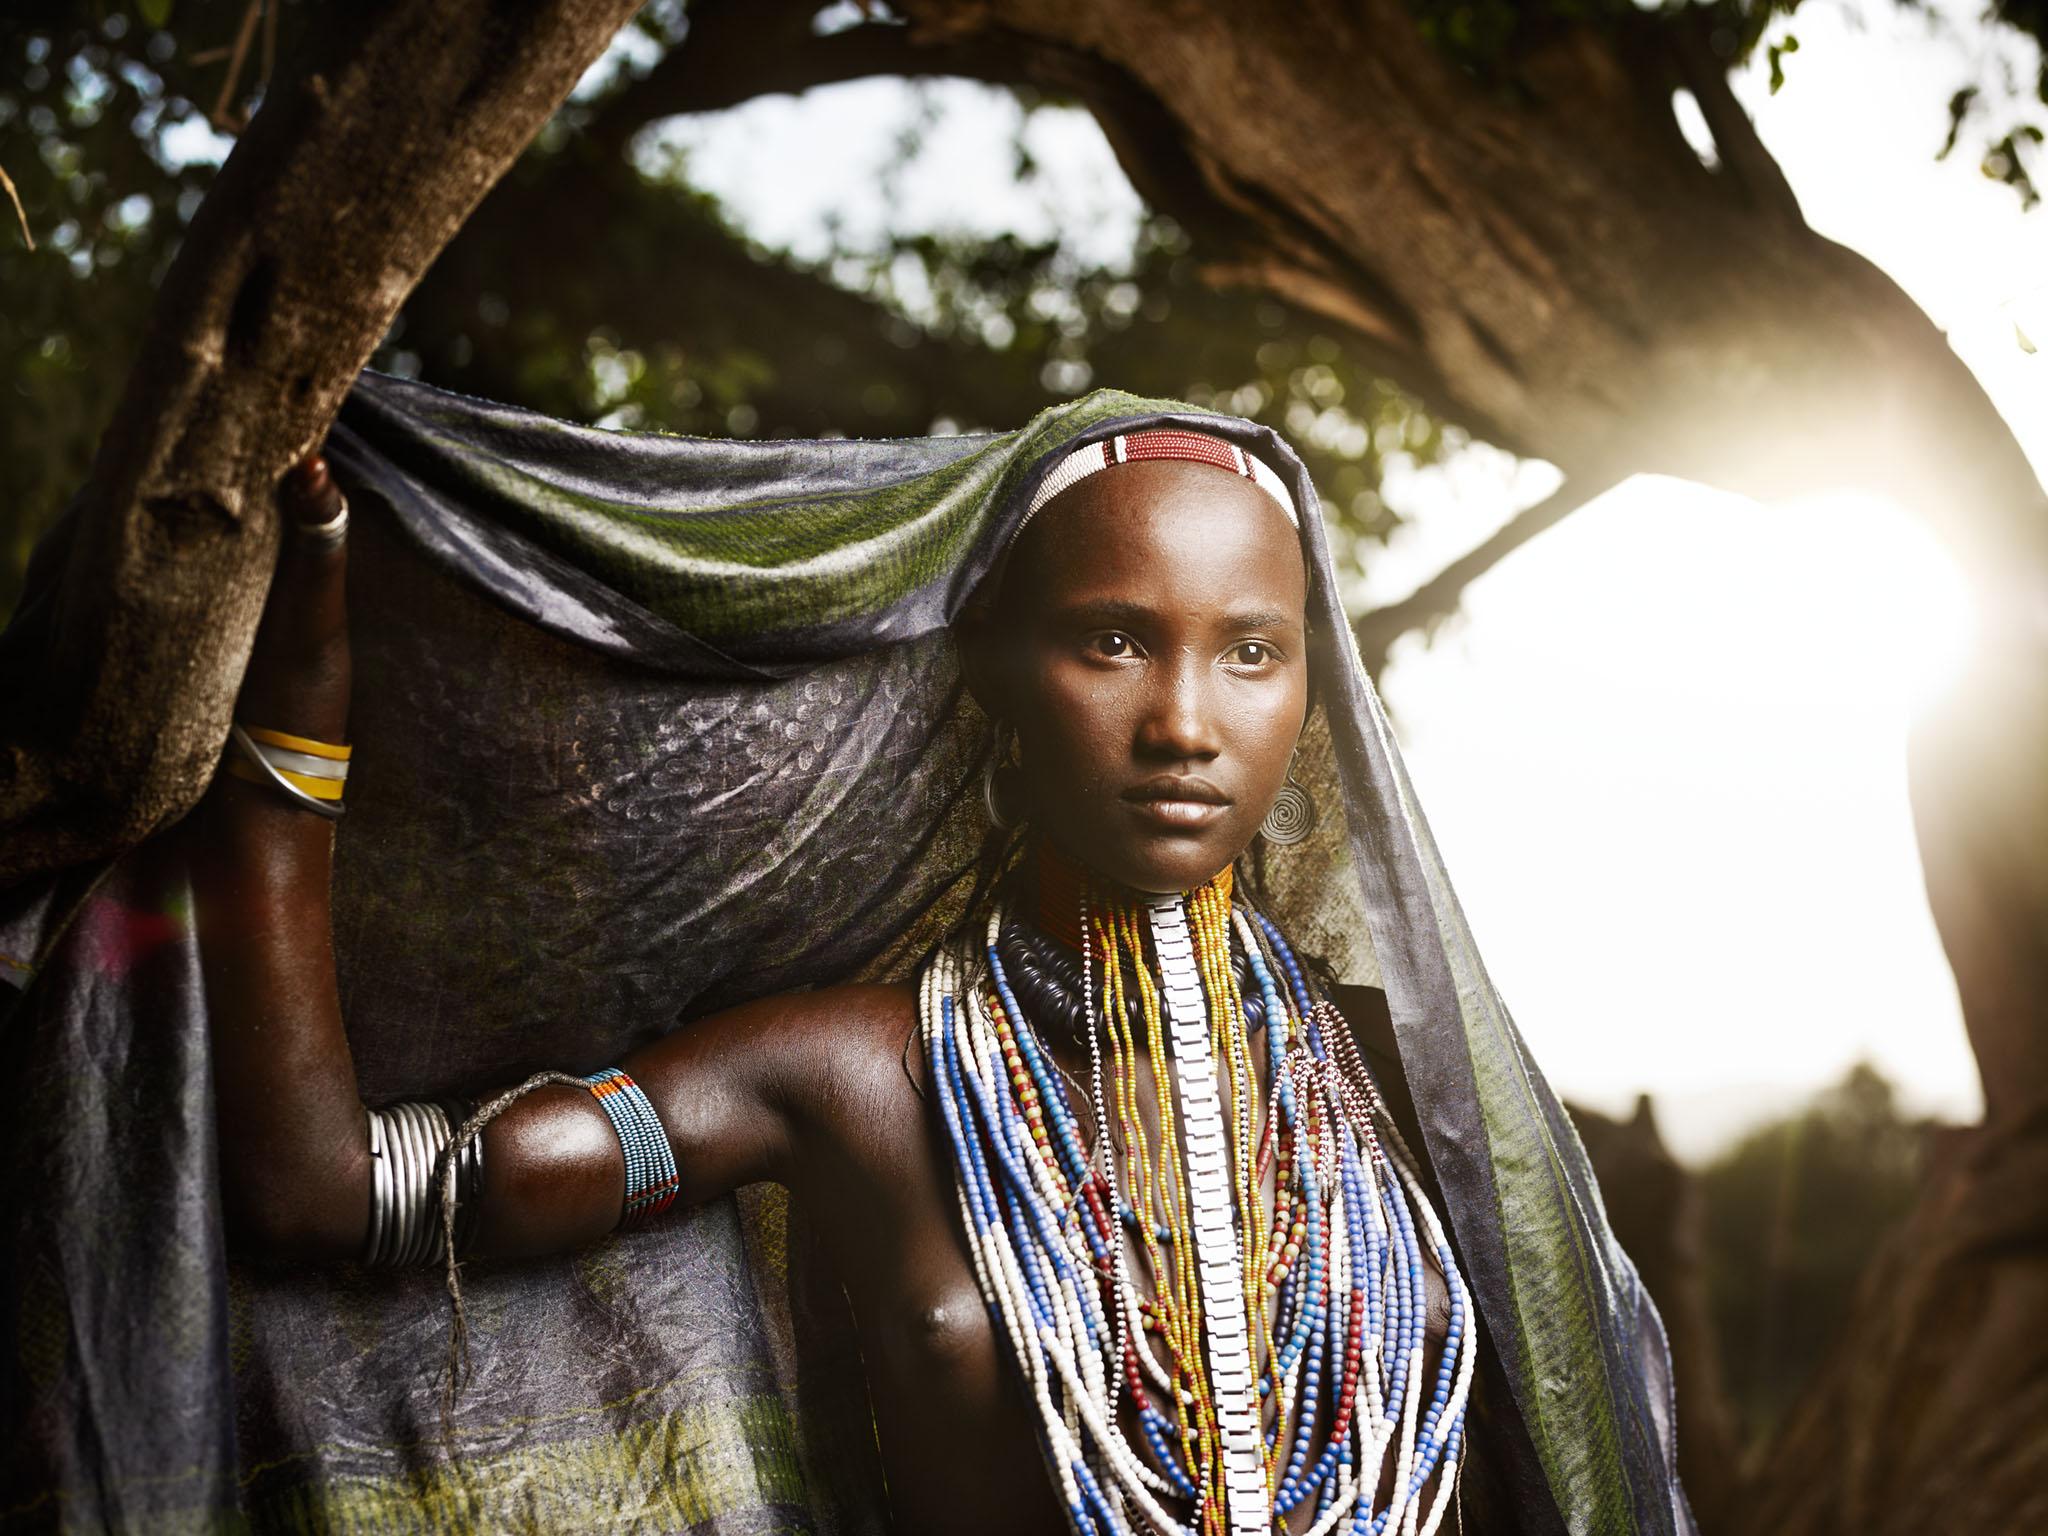 Фото африканских племен без одежды 26 фотография